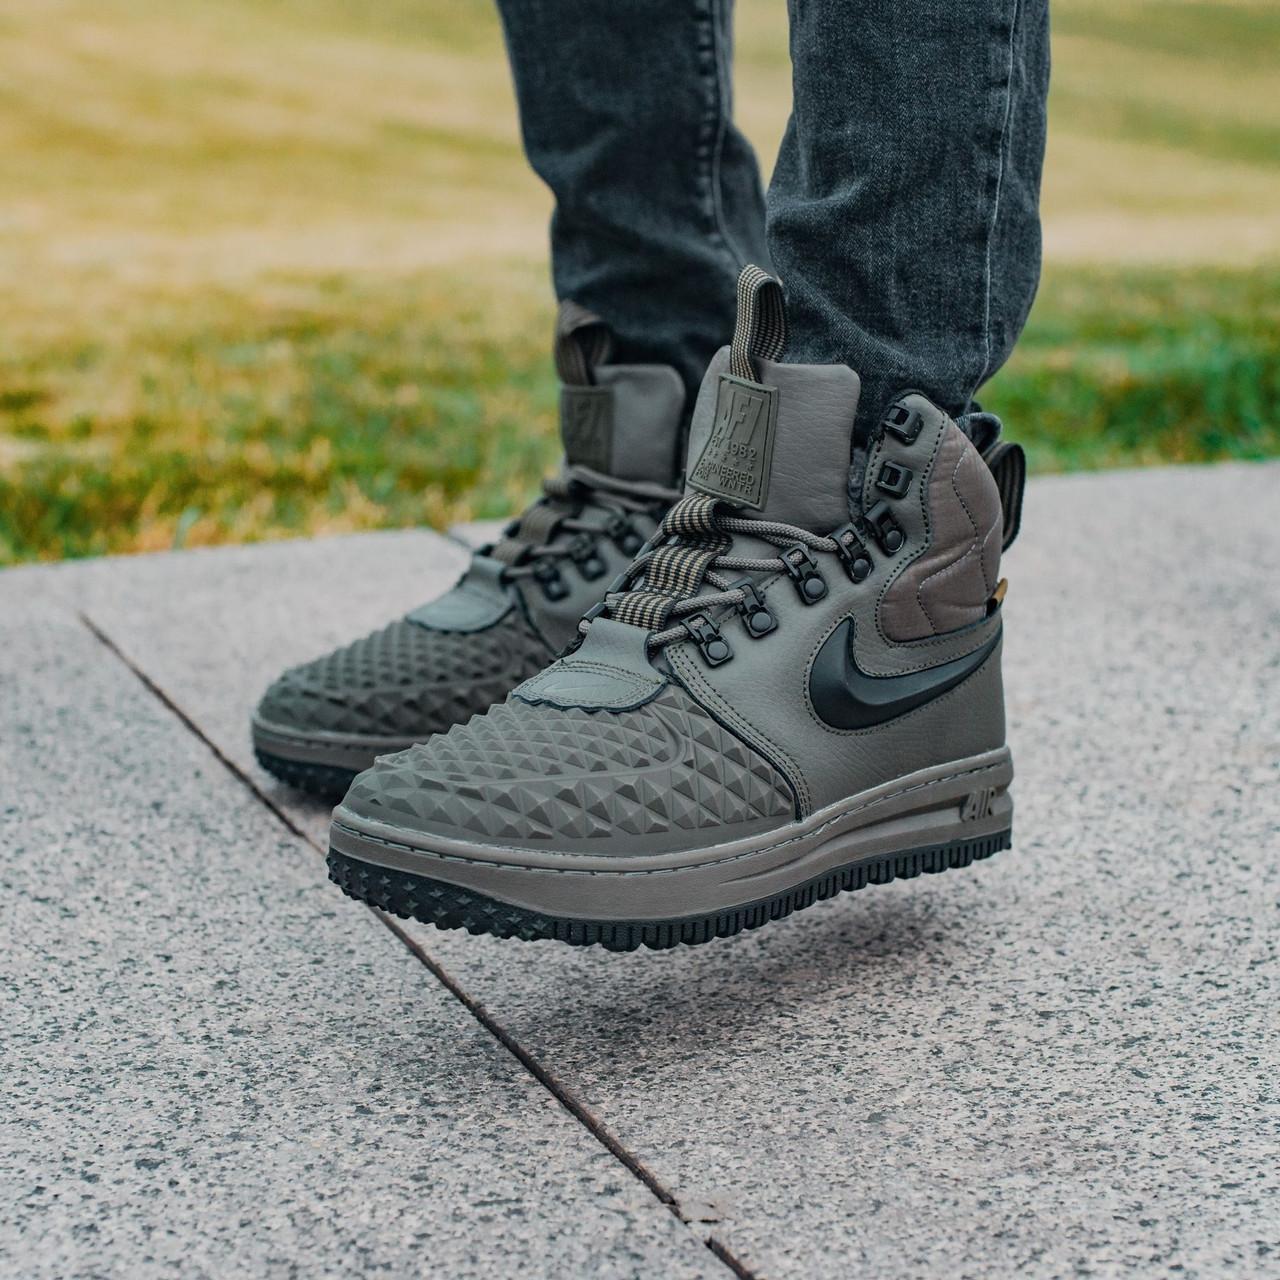 Мужские зимние кроссовки в стиле Nike Lunar Force 1 Duckboot с мехом